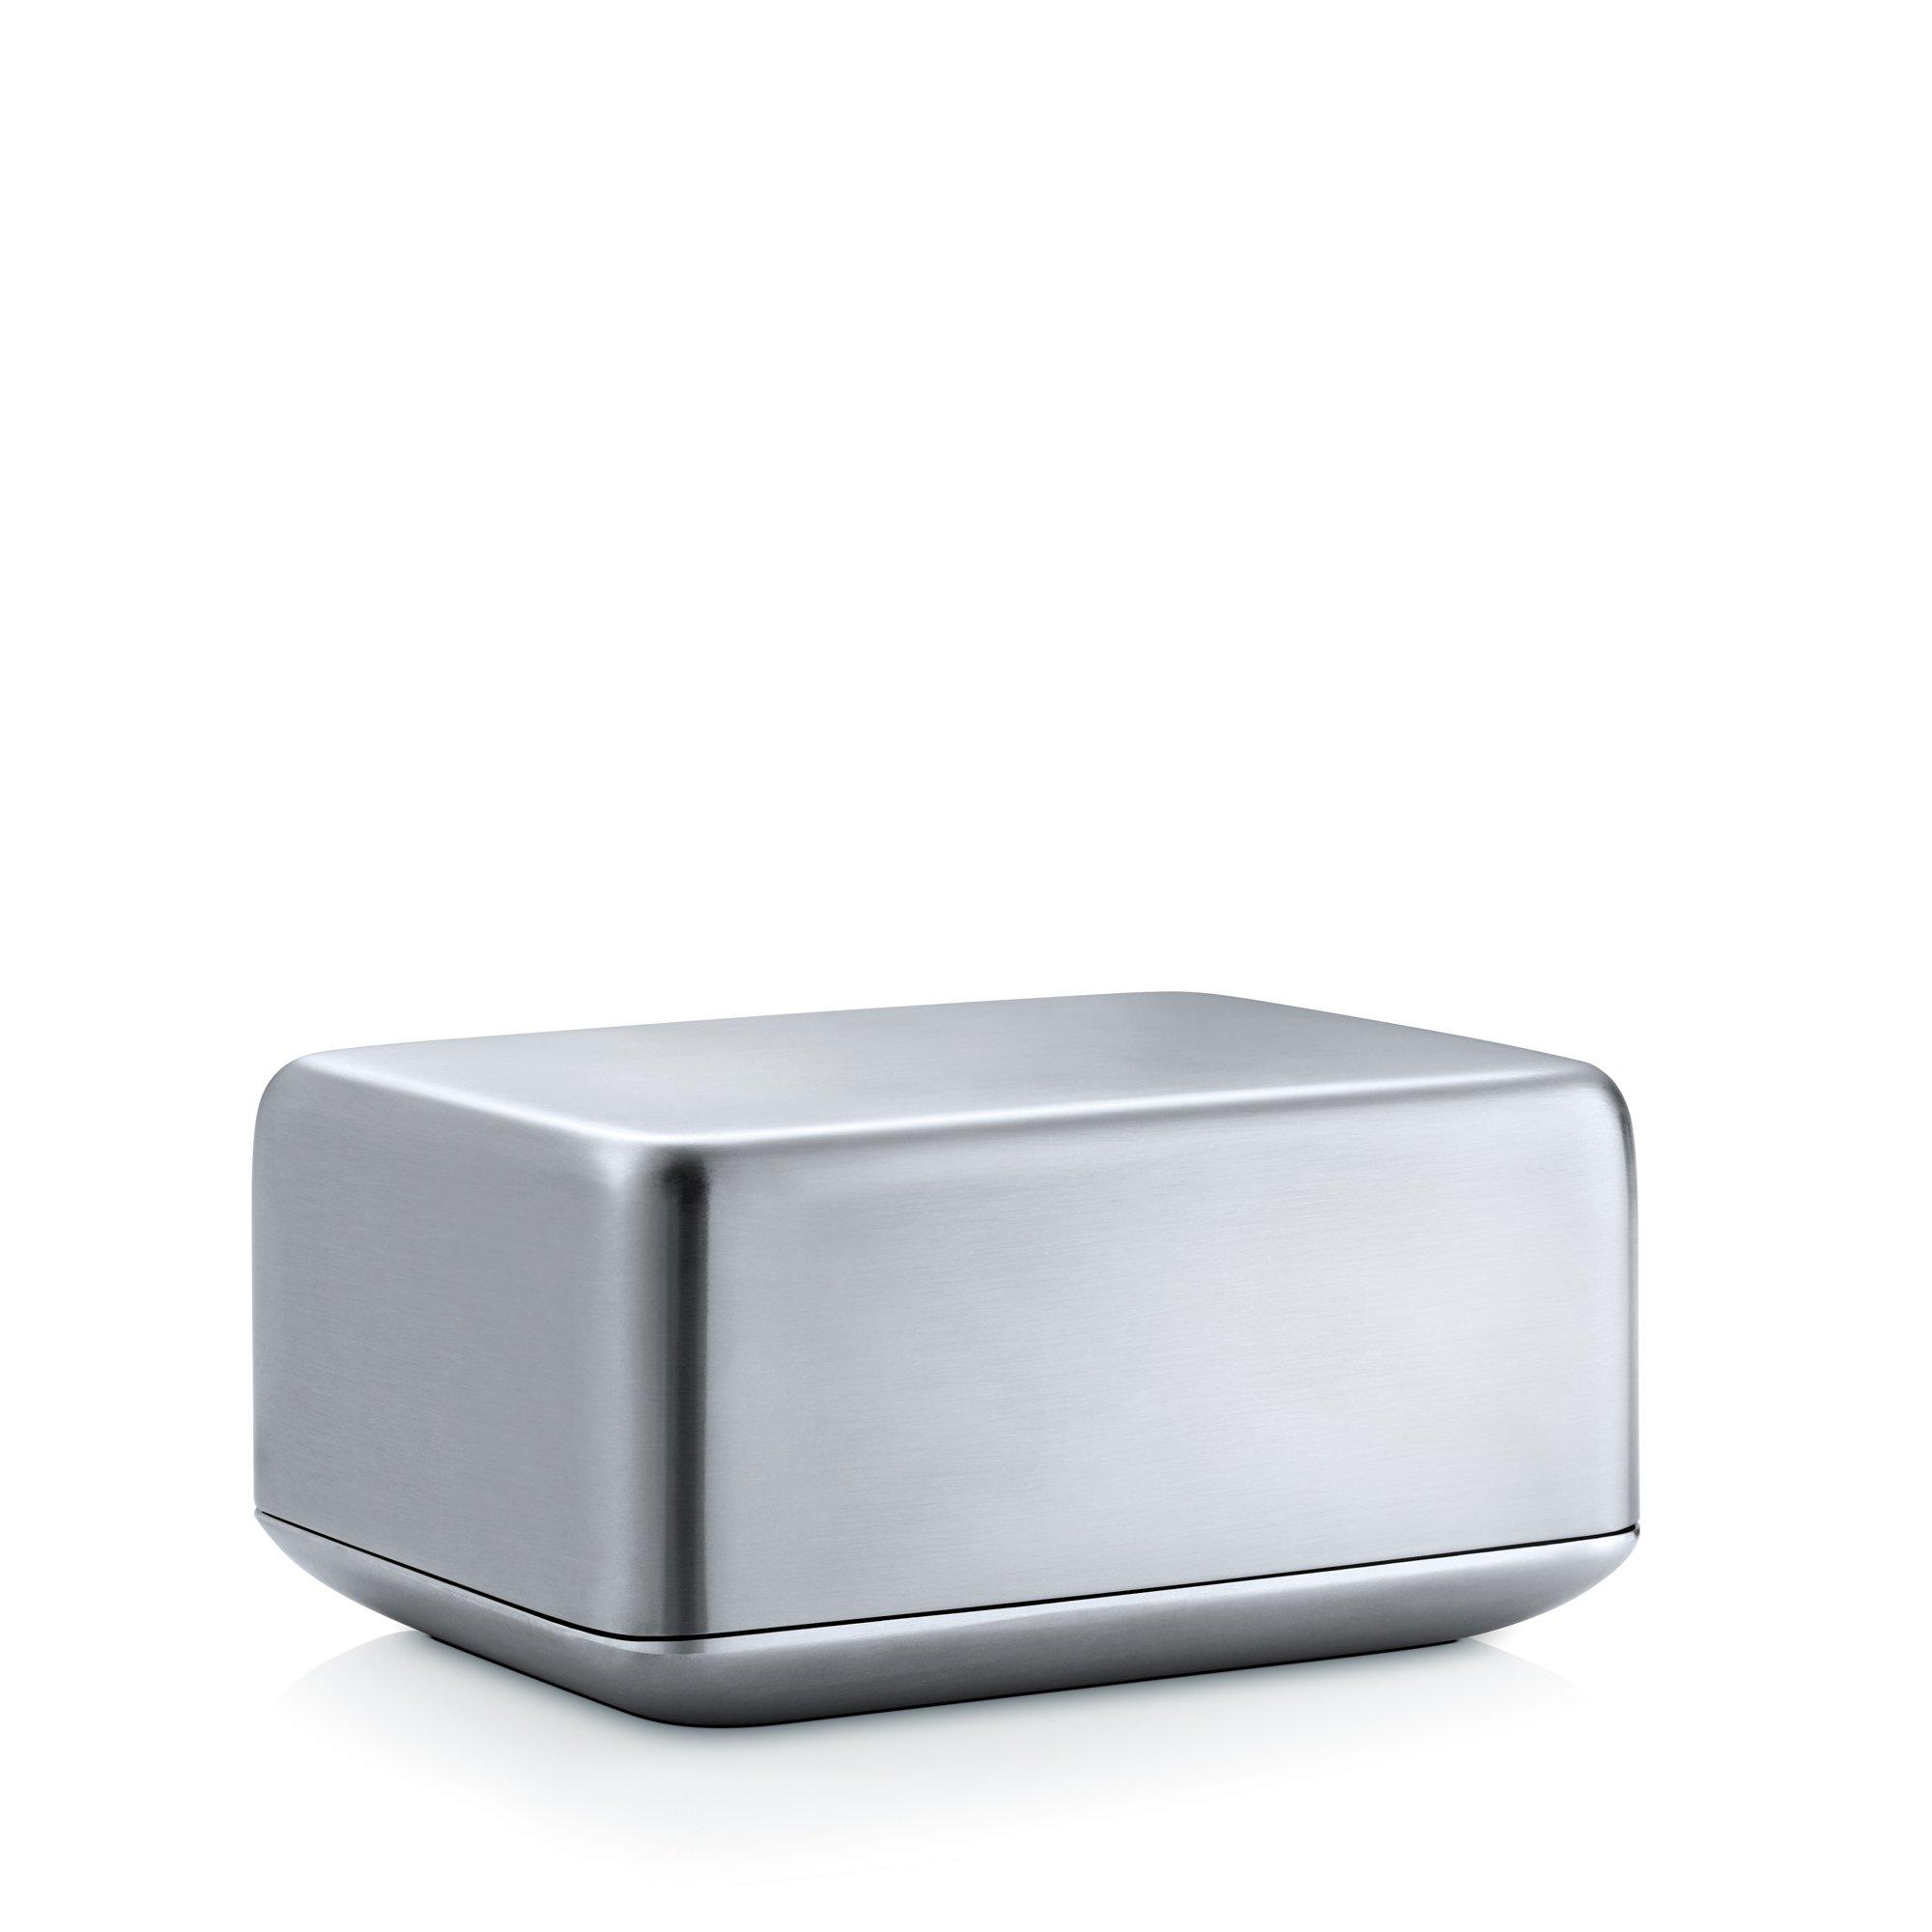 Blomus Basic Stainless Steel Butter Dish, Medium